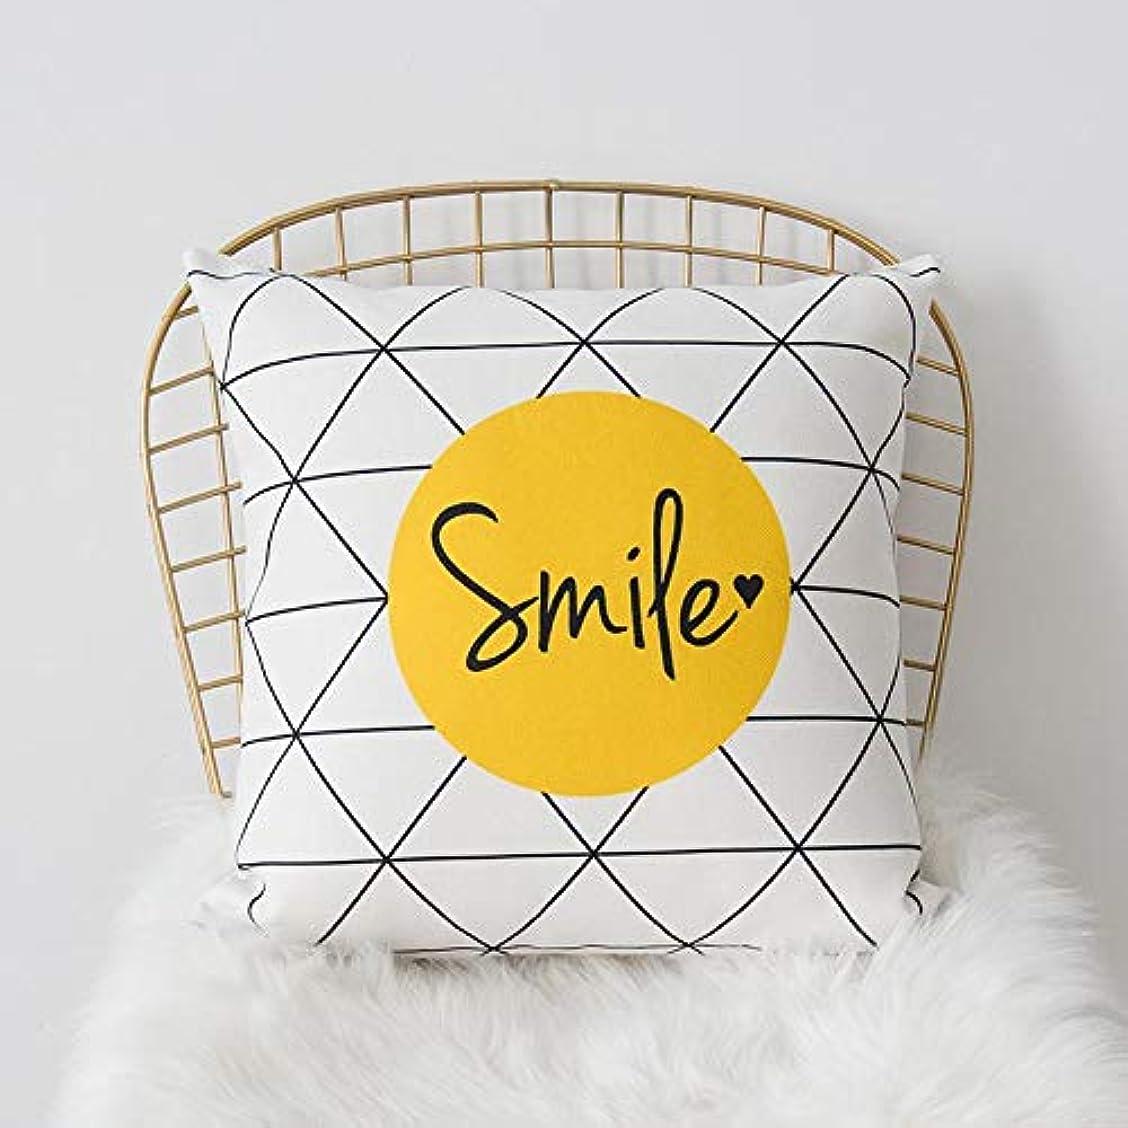 石油充電解決するLIFE 黄色グレー枕北欧スタイル黄色ヘラジカ幾何枕リビングルームのインテリアソファクッション Cojines 装飾良質 クッション 椅子